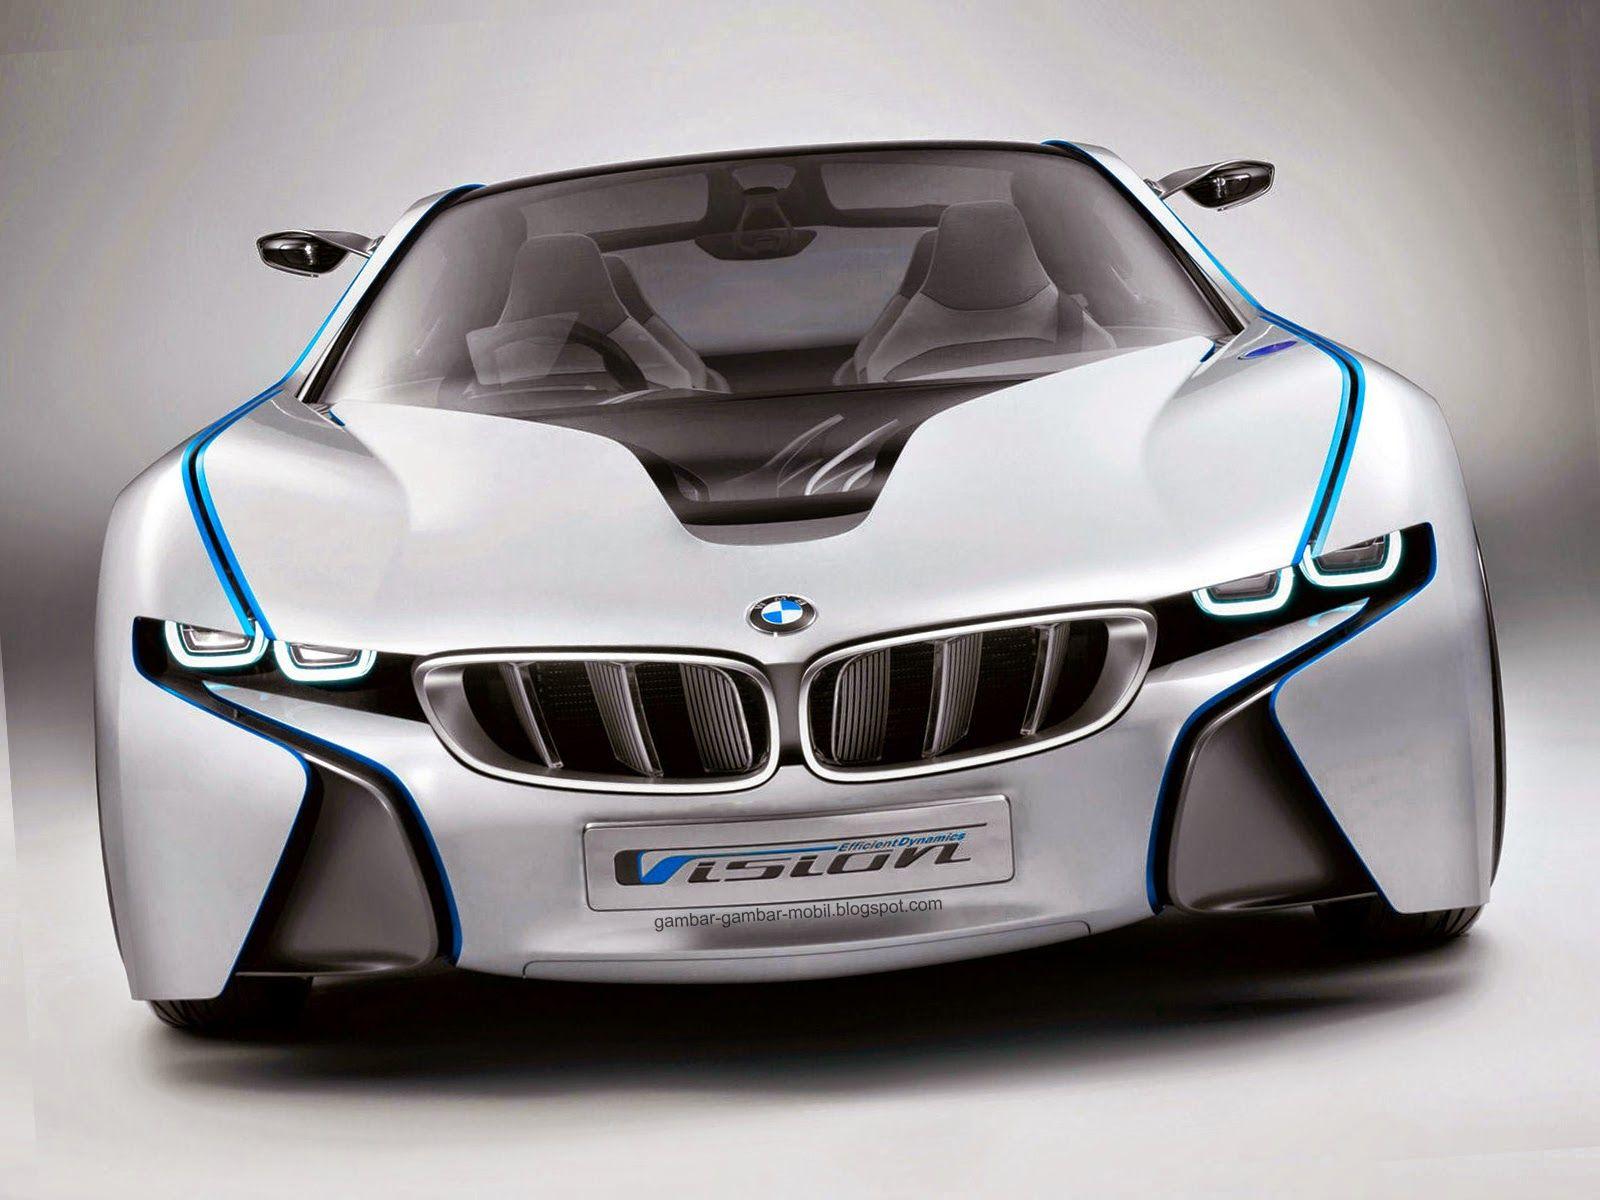 Foto Mobil Bmw Terbaru Bmw Concept Bmw I8 Dan Bmw